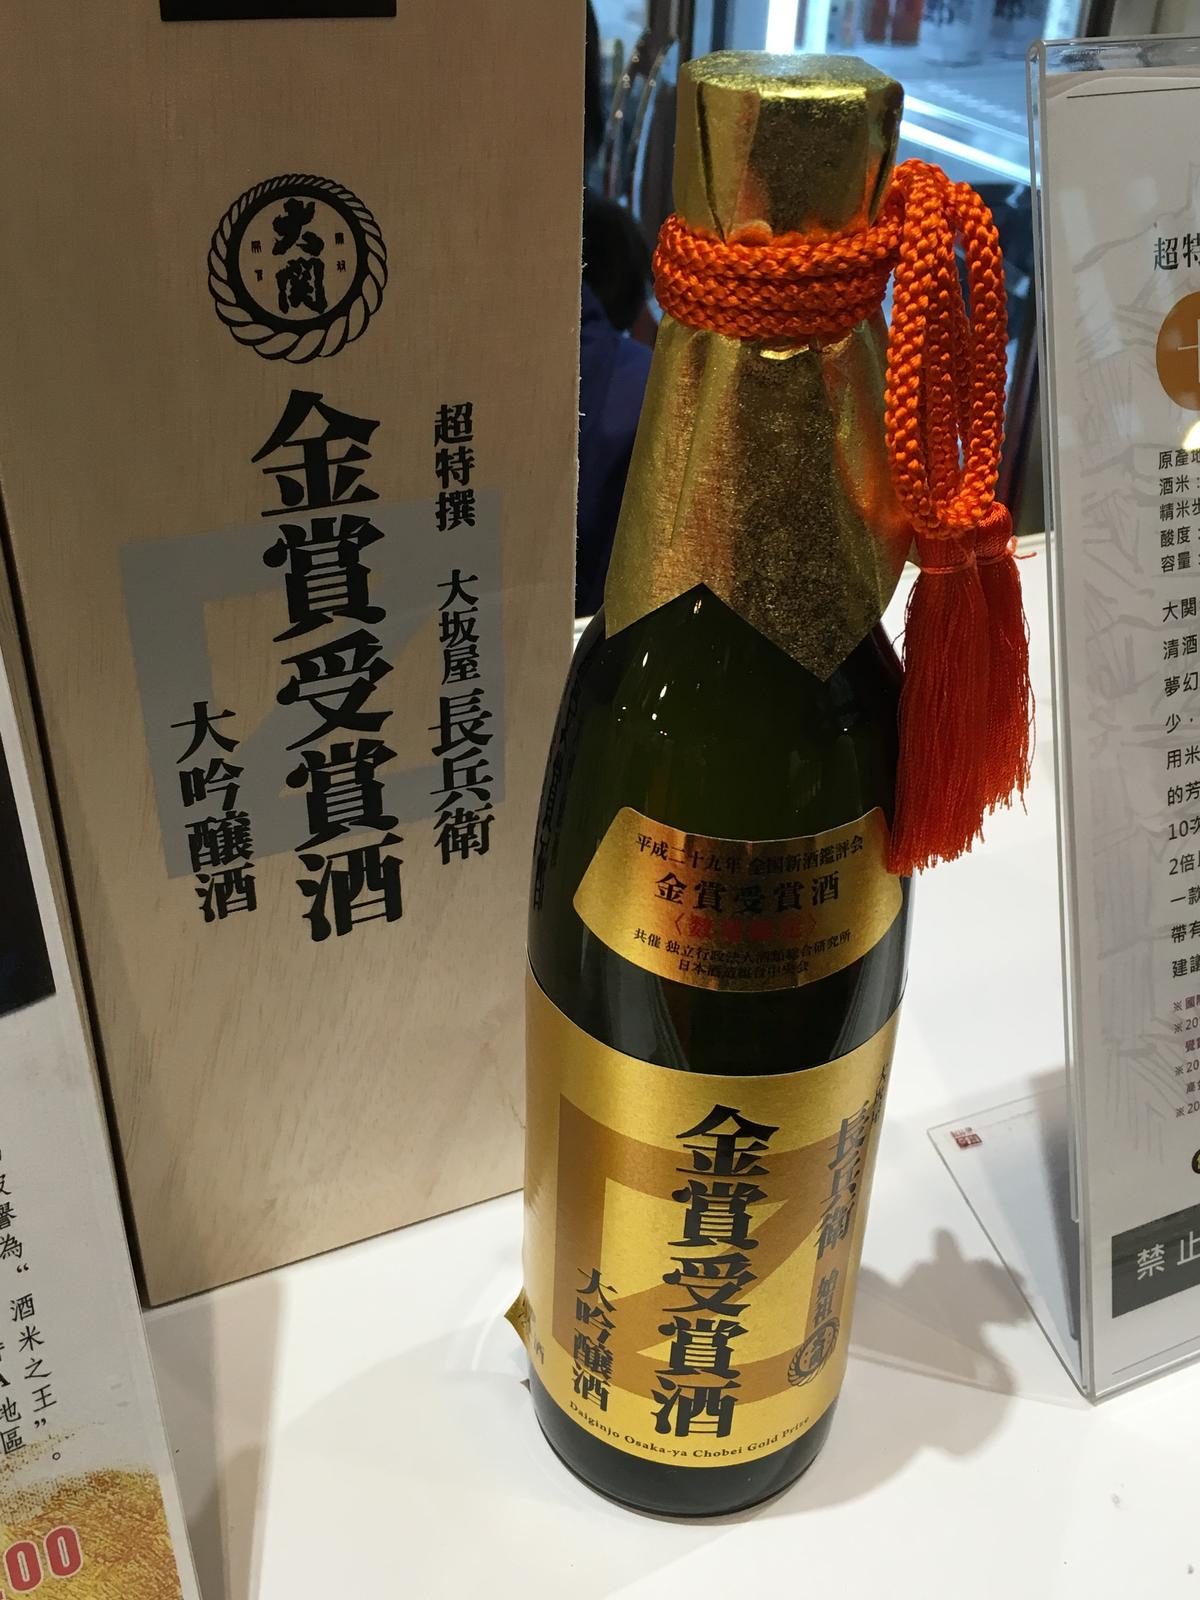 連續14年獲得「全日本清酒競賽金賞獎」的「金賞受賞酒」,為精米度35%的大吟釀酒,入喉有些許嗆辣,但會慢慢轉換成甘味。(3,200元/瓶)